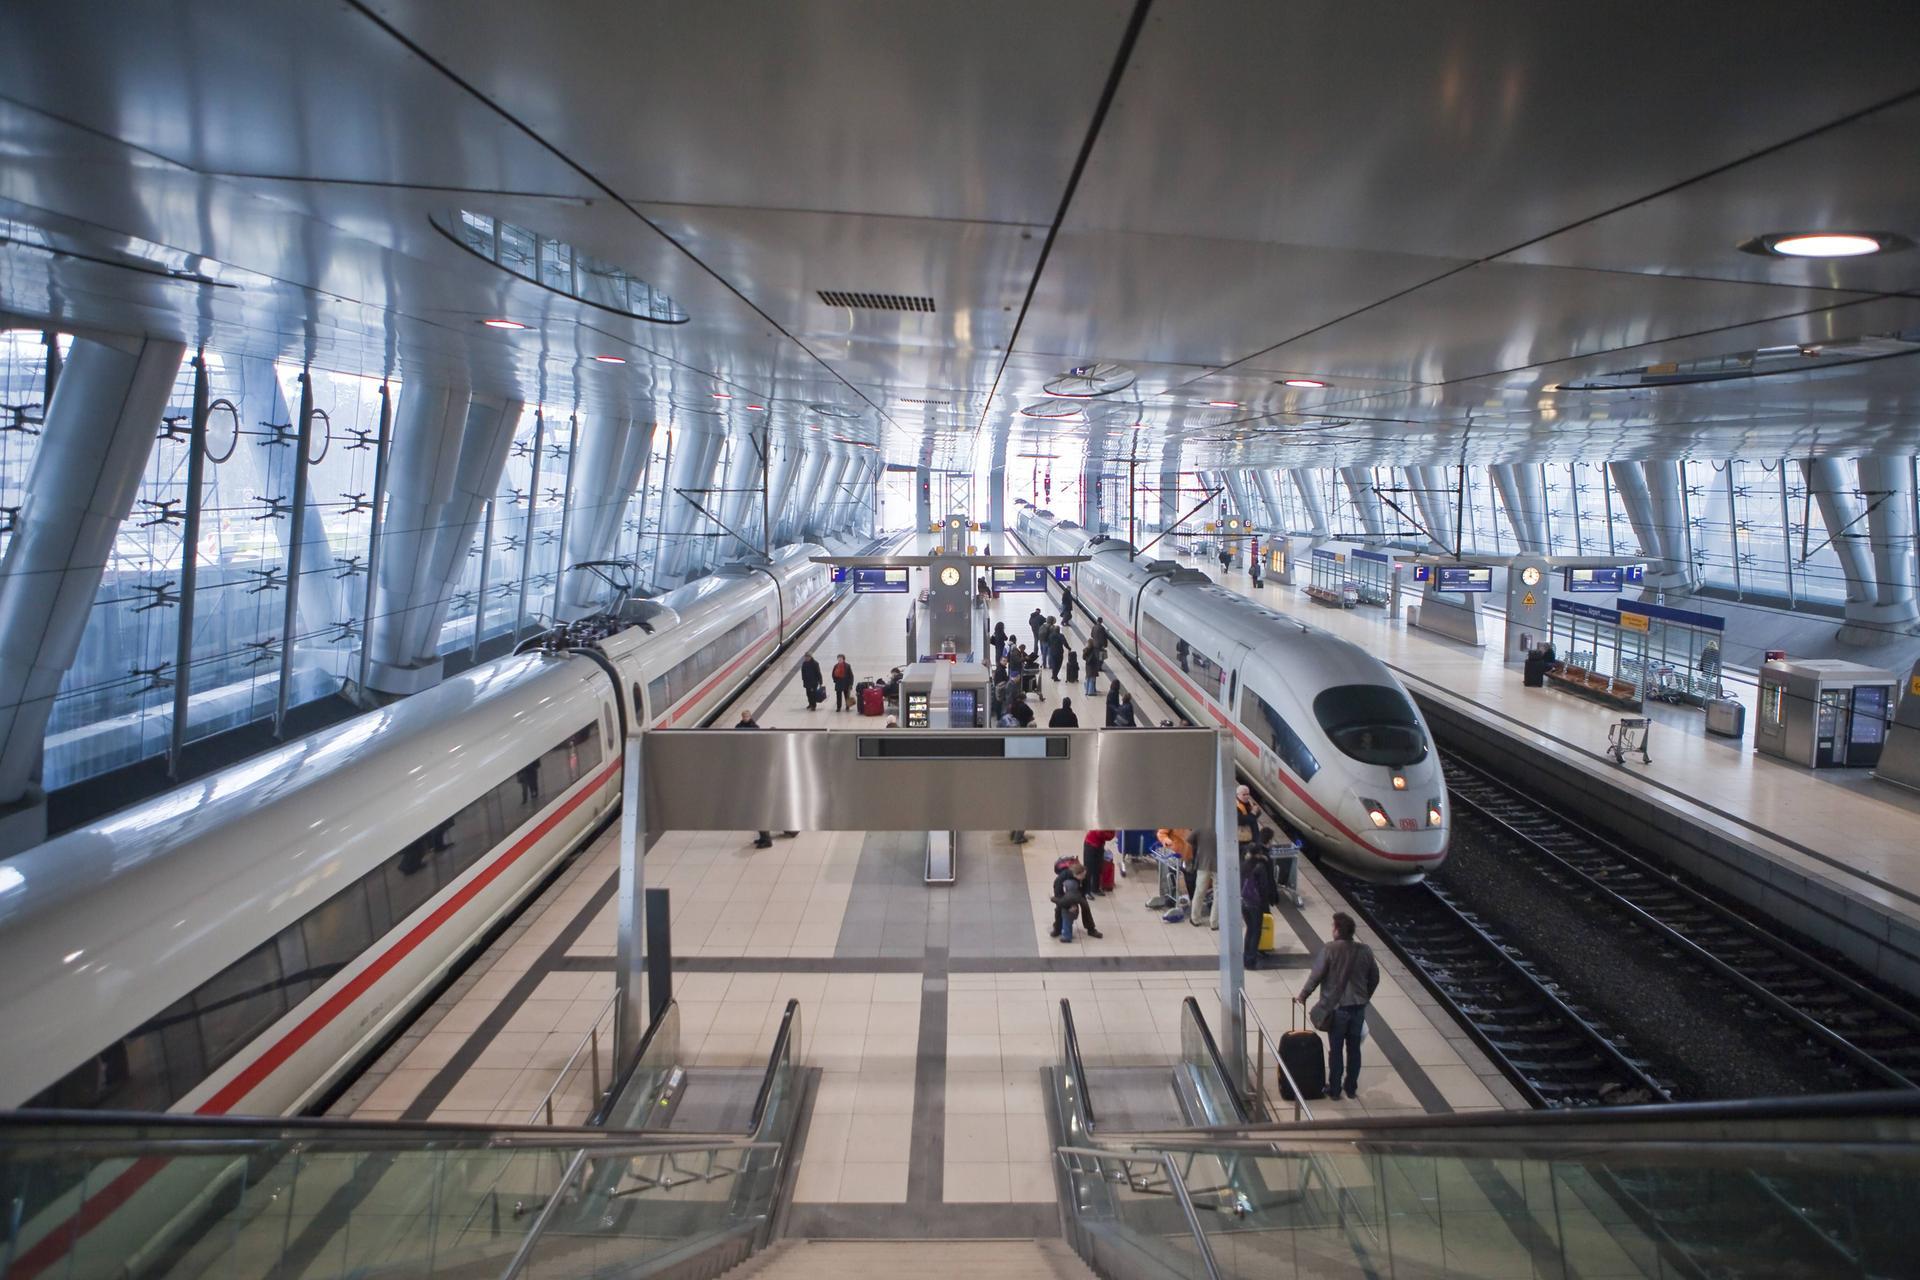 Togstationen i Frankfurt Lufthavn, hvorfra Lufthansa fra december vil øge betjeningen til en række tyske byer. Fremsendt pressefoto fra : Lufthansa, imago/imagebroker.